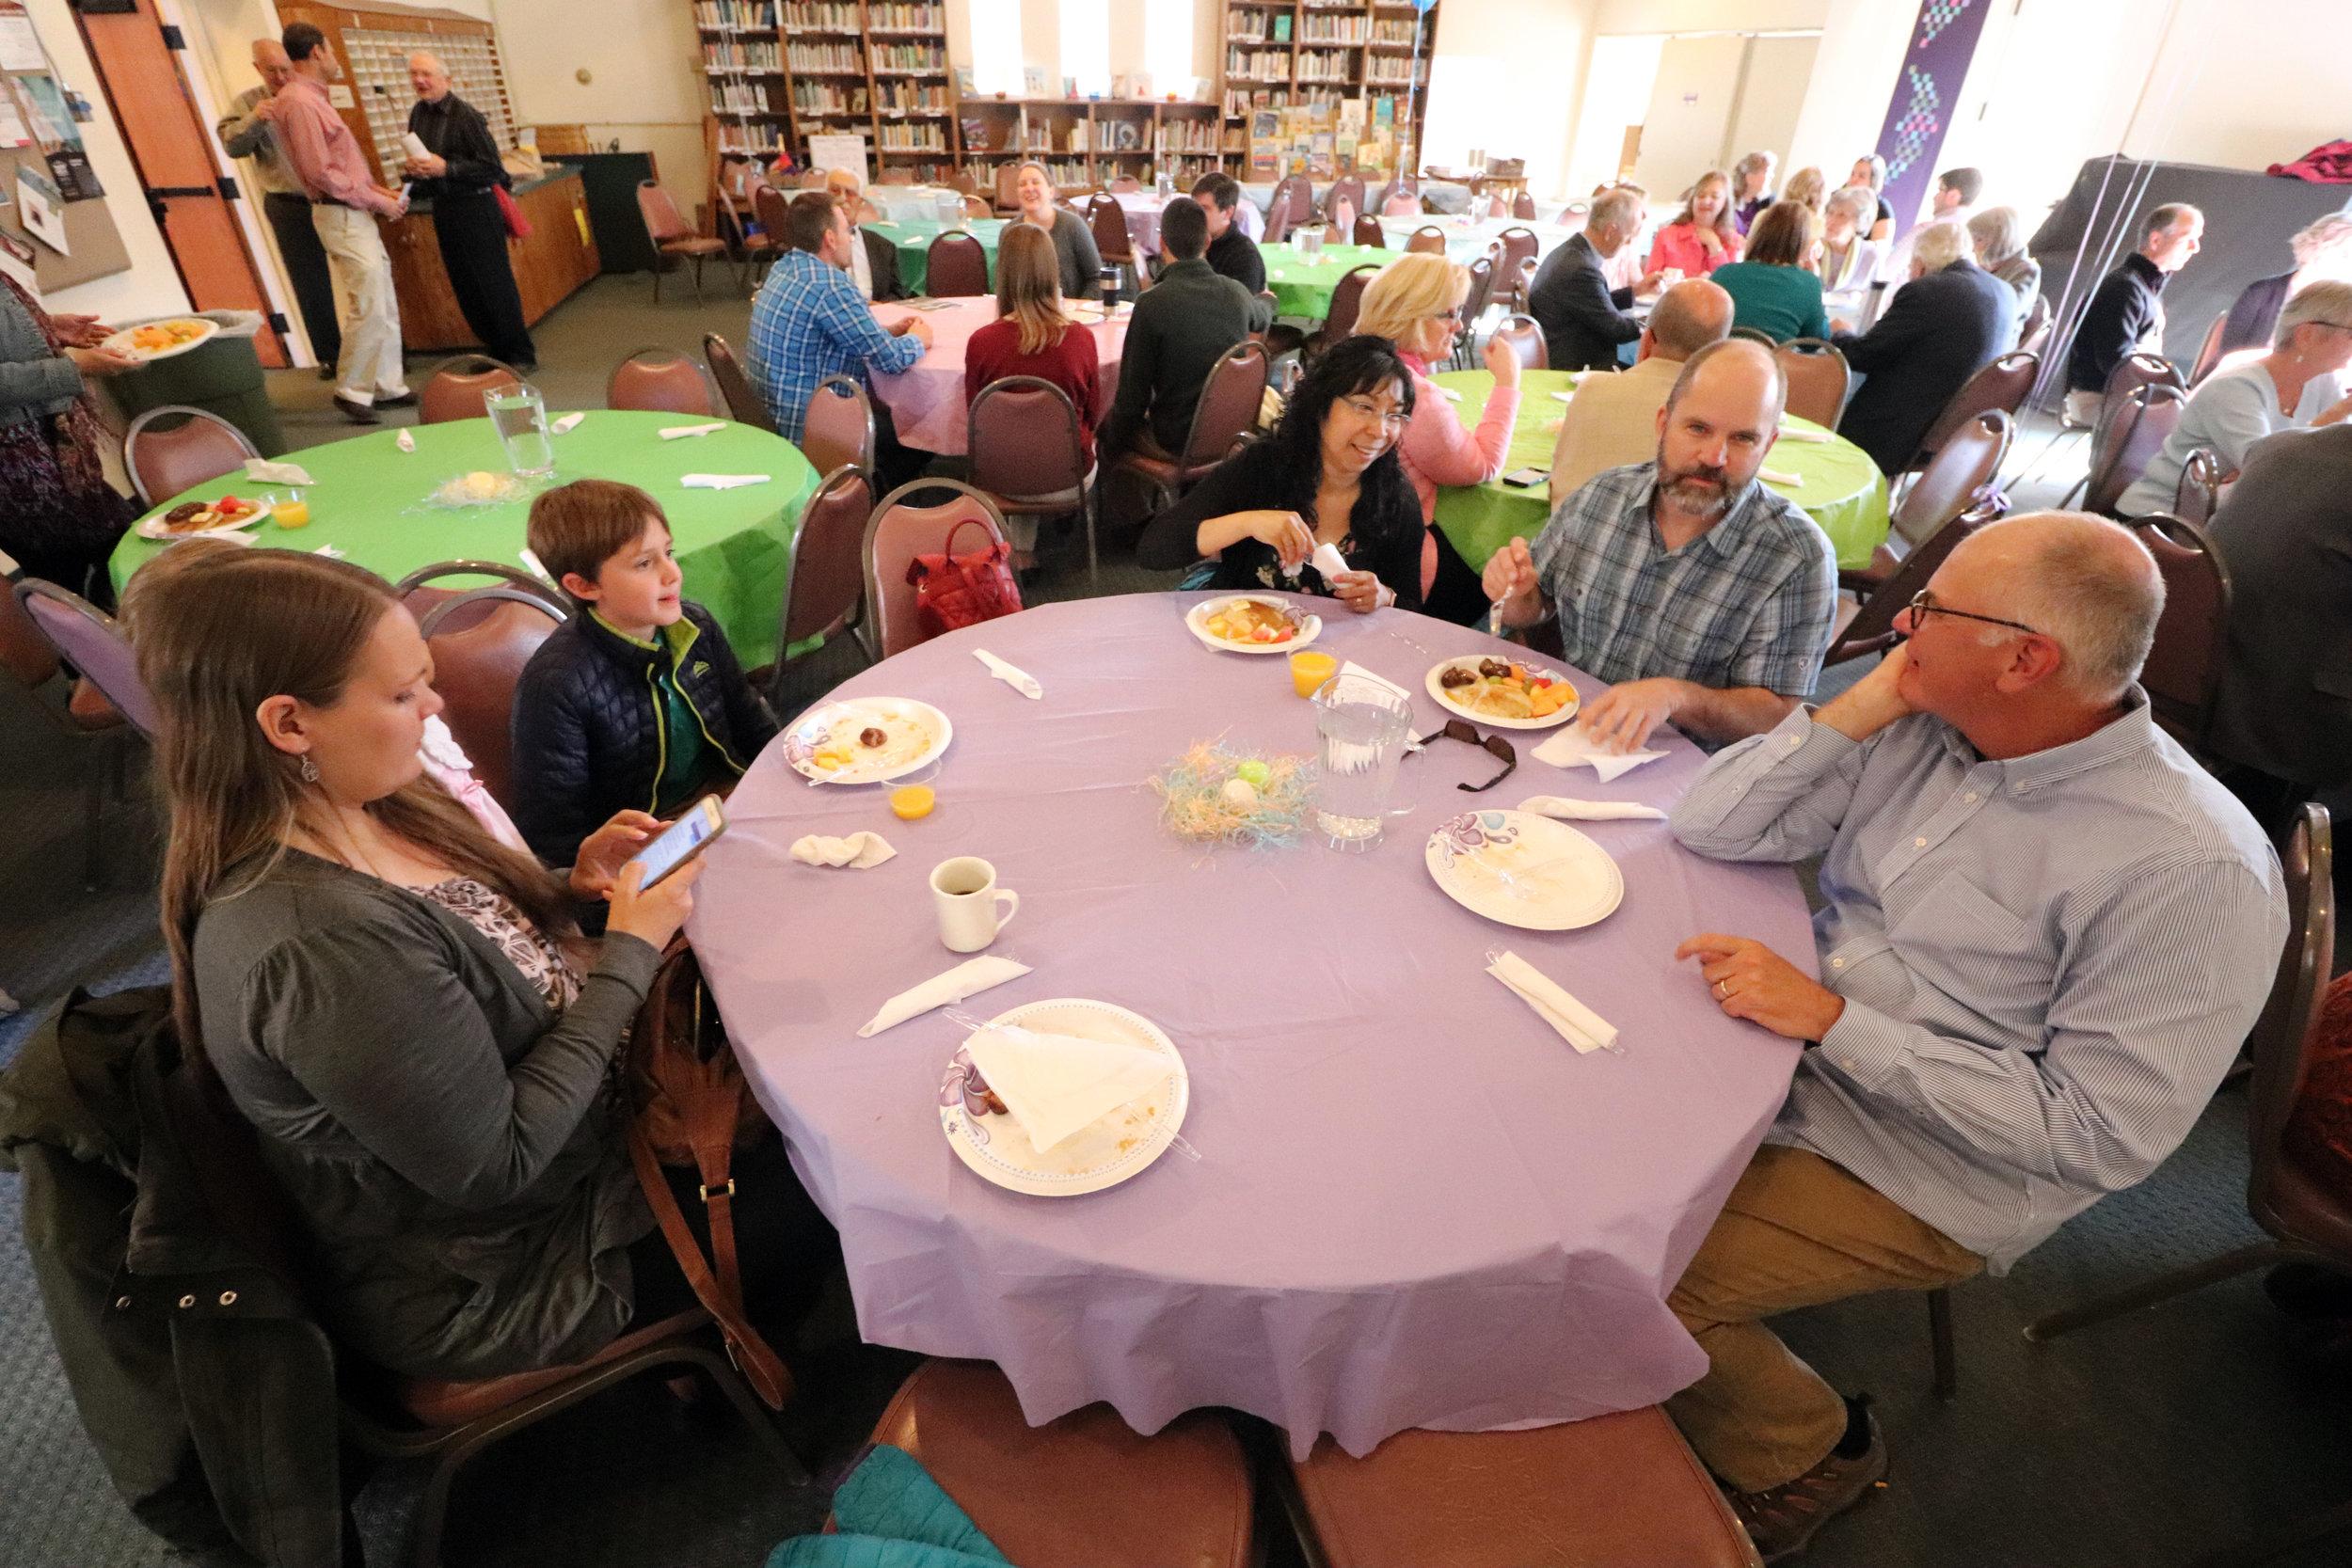 180401 FMC Easter meal 06.jpg